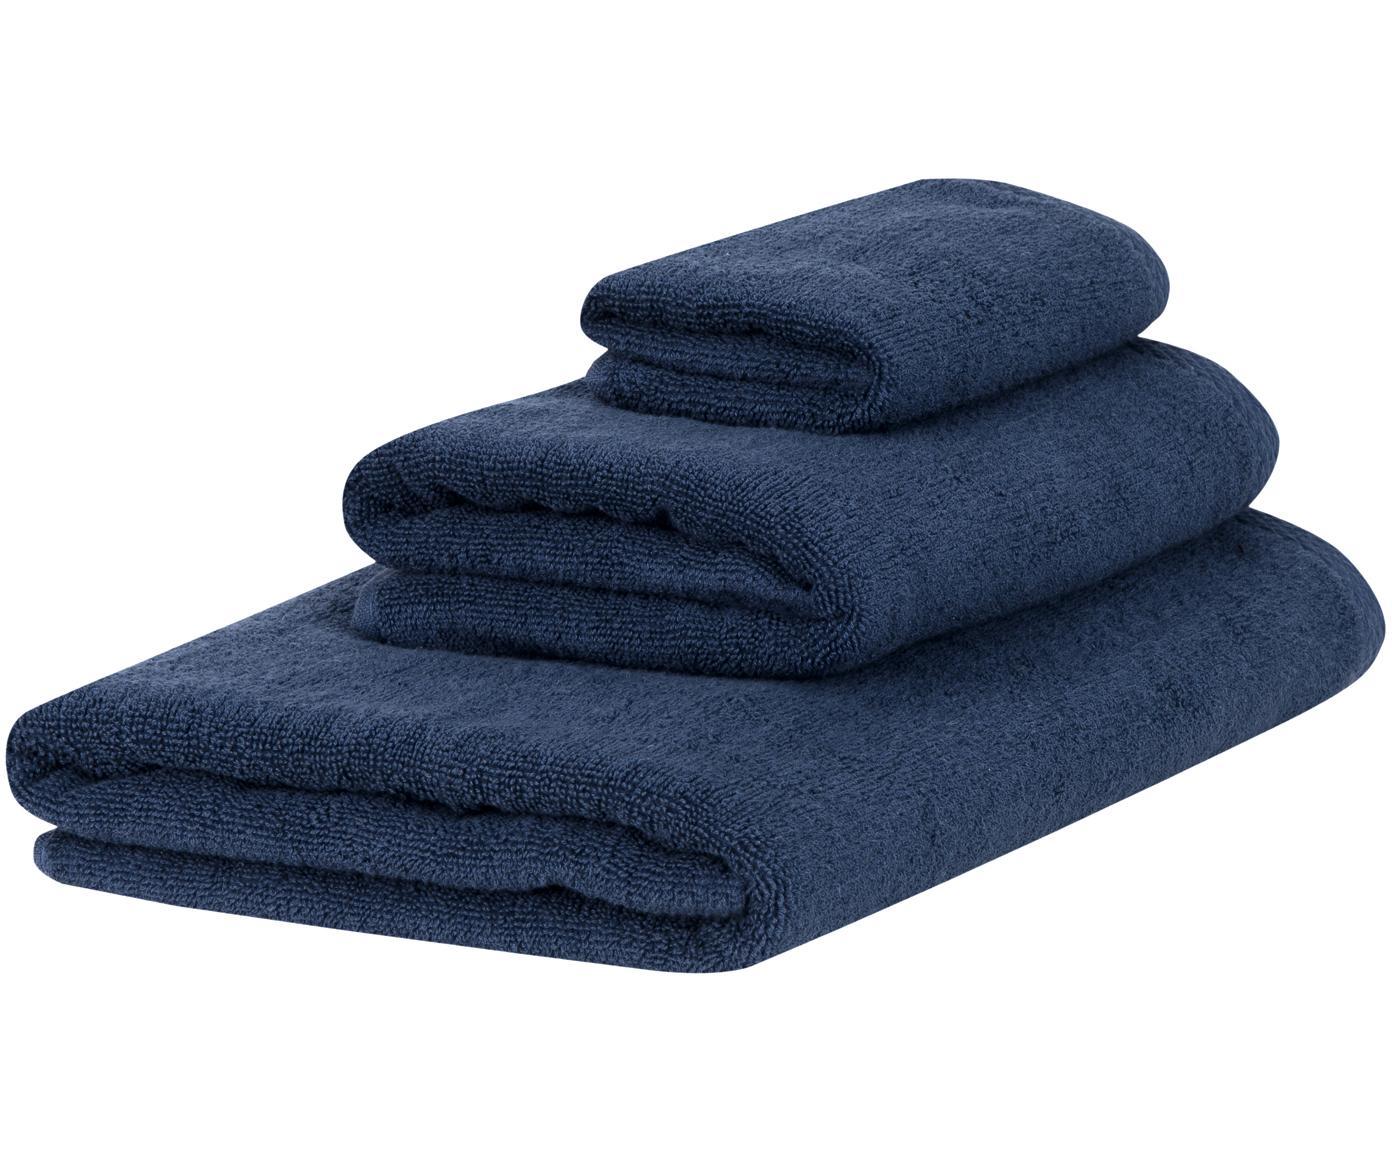 Komplet ręczników Comfort, 3 elem., Ciemny niebieski, Różne rozmiary